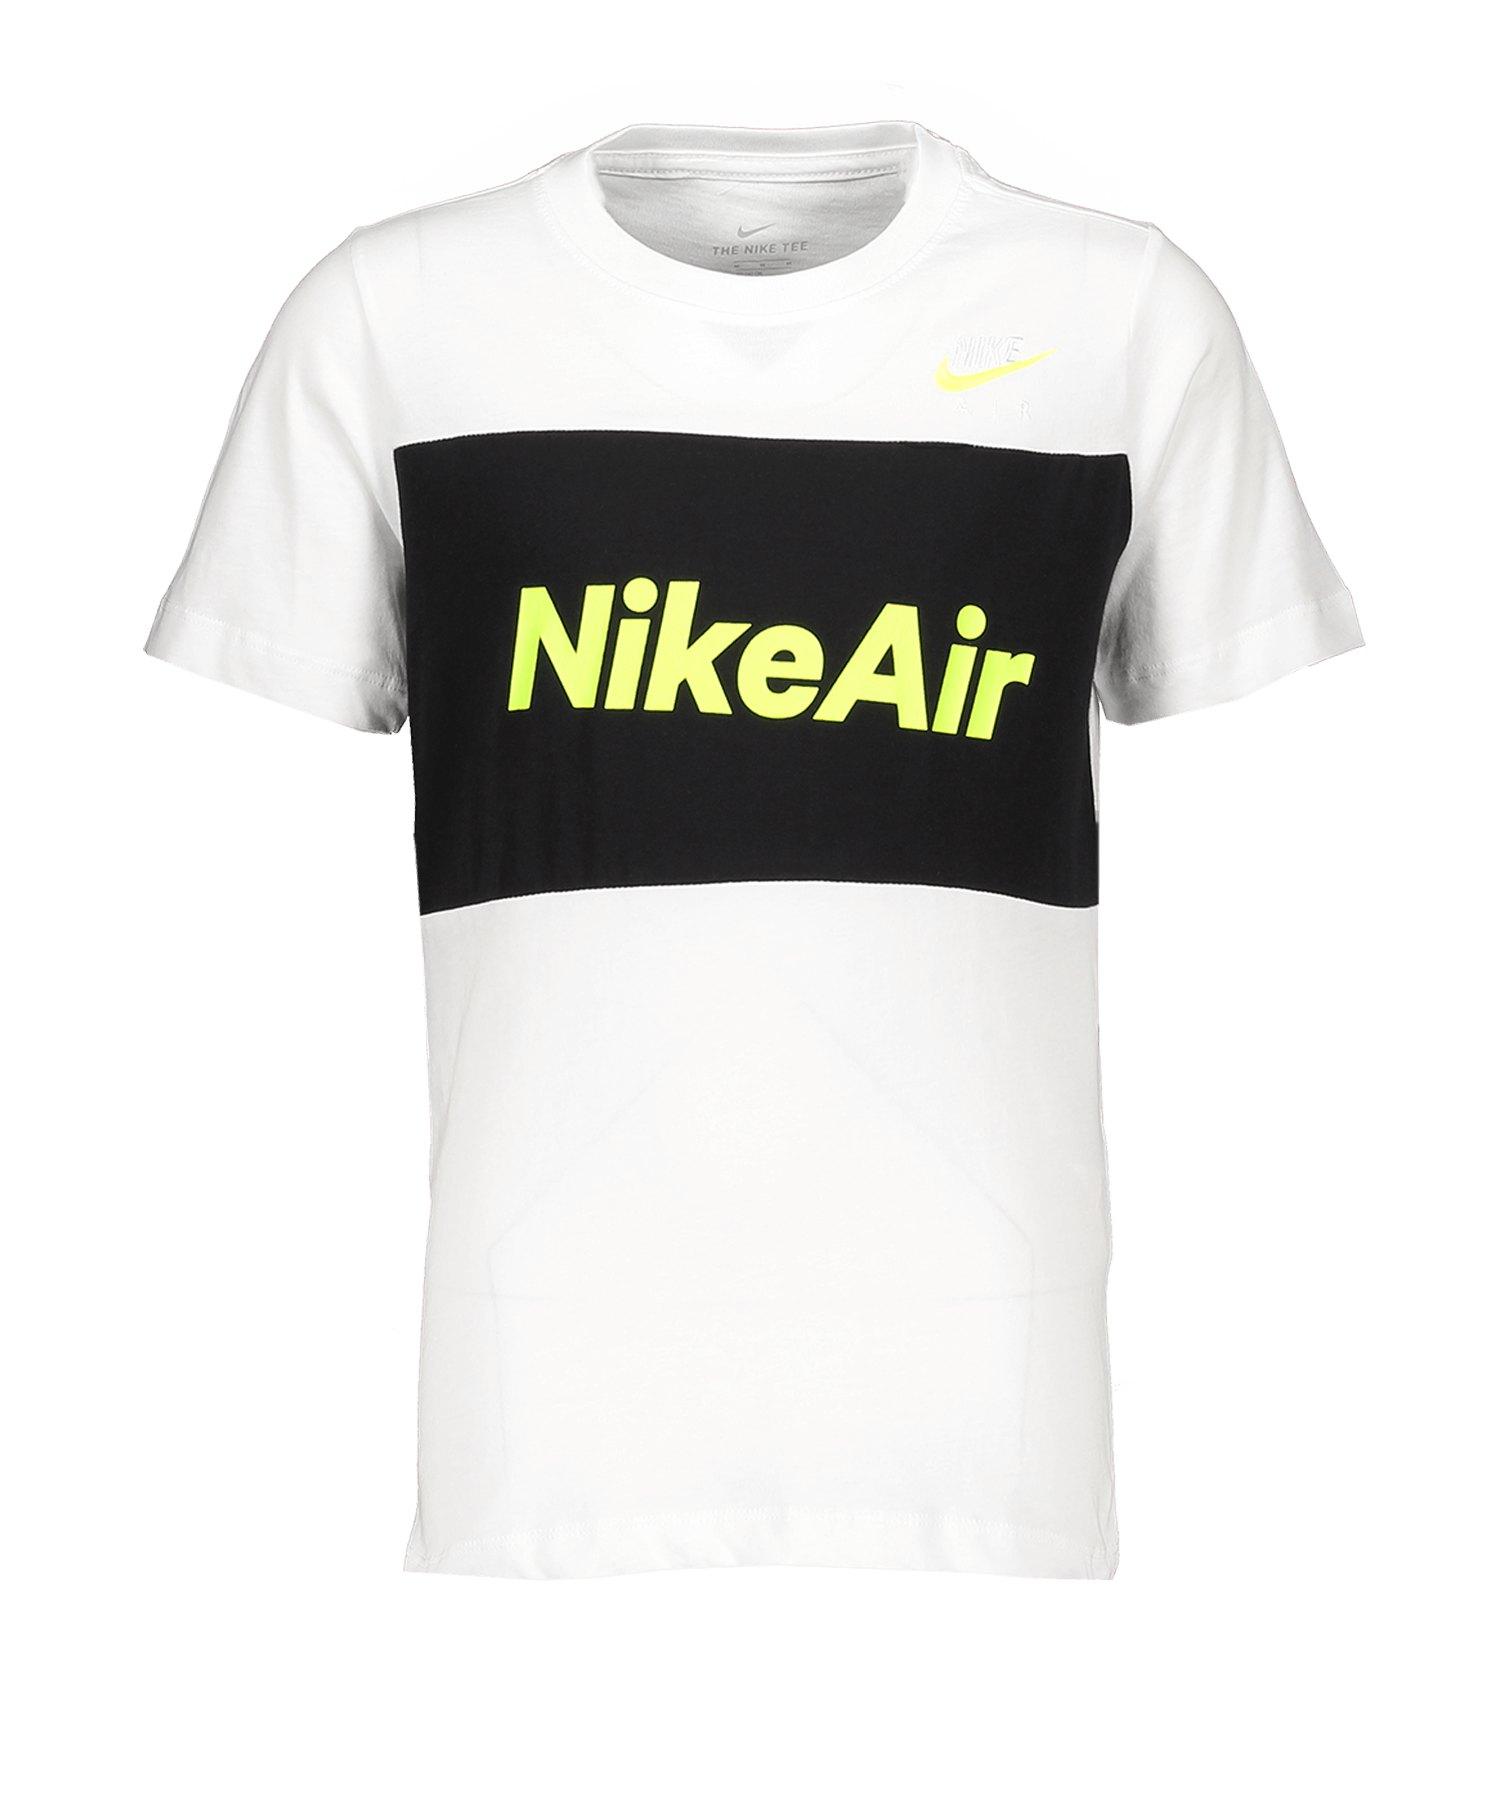 Nike Air Tee T-Shirt Kids Weiss F100 - weiss